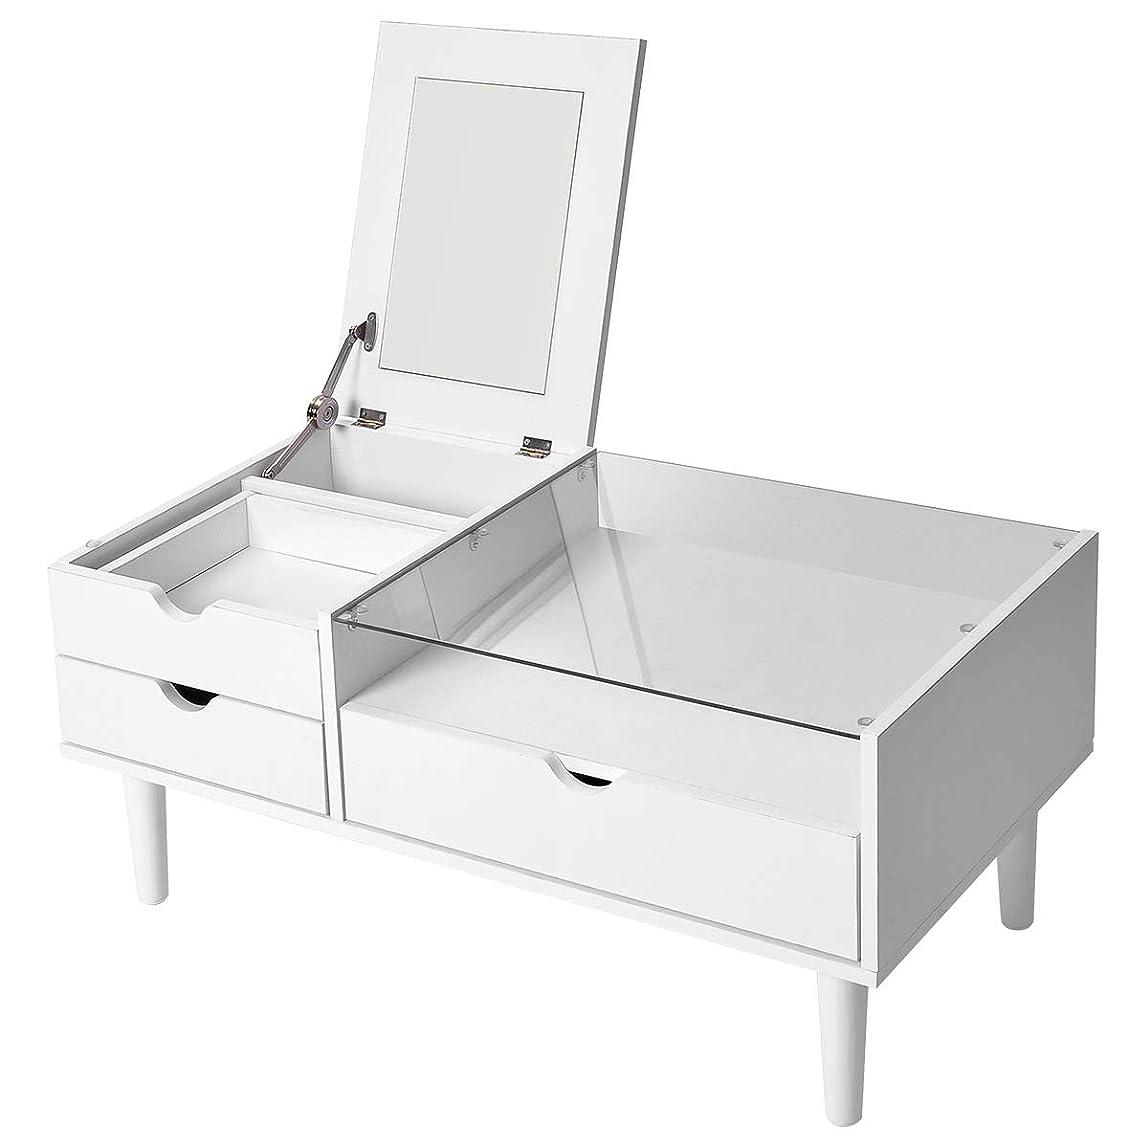 Harper 鏡台 ドレッサー メイク、 収納できるセンターテーブル ローテーブル 5mm強化ガラス おしゃれ 三色対応(ホワイト)